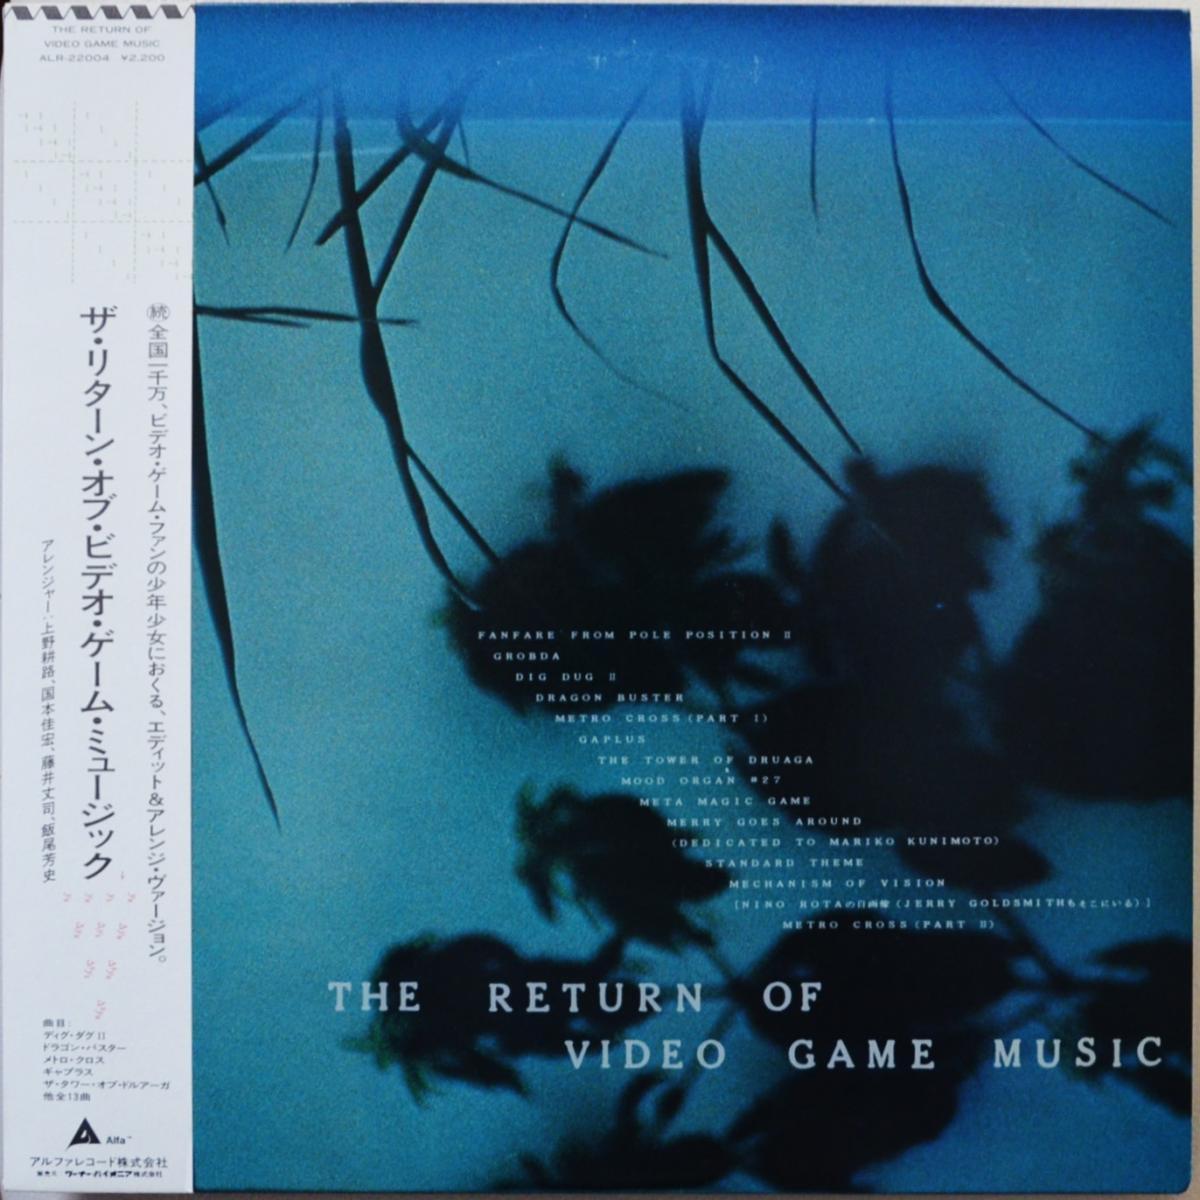 V.A.(上野耕路,国本佳宏,藤井丈司,飯尾芳史) / ザ・リターン・オブ・ビデオ・ゲーム・ミュージック THE RETURN OF VIDEO GAME MUSIC (LP)